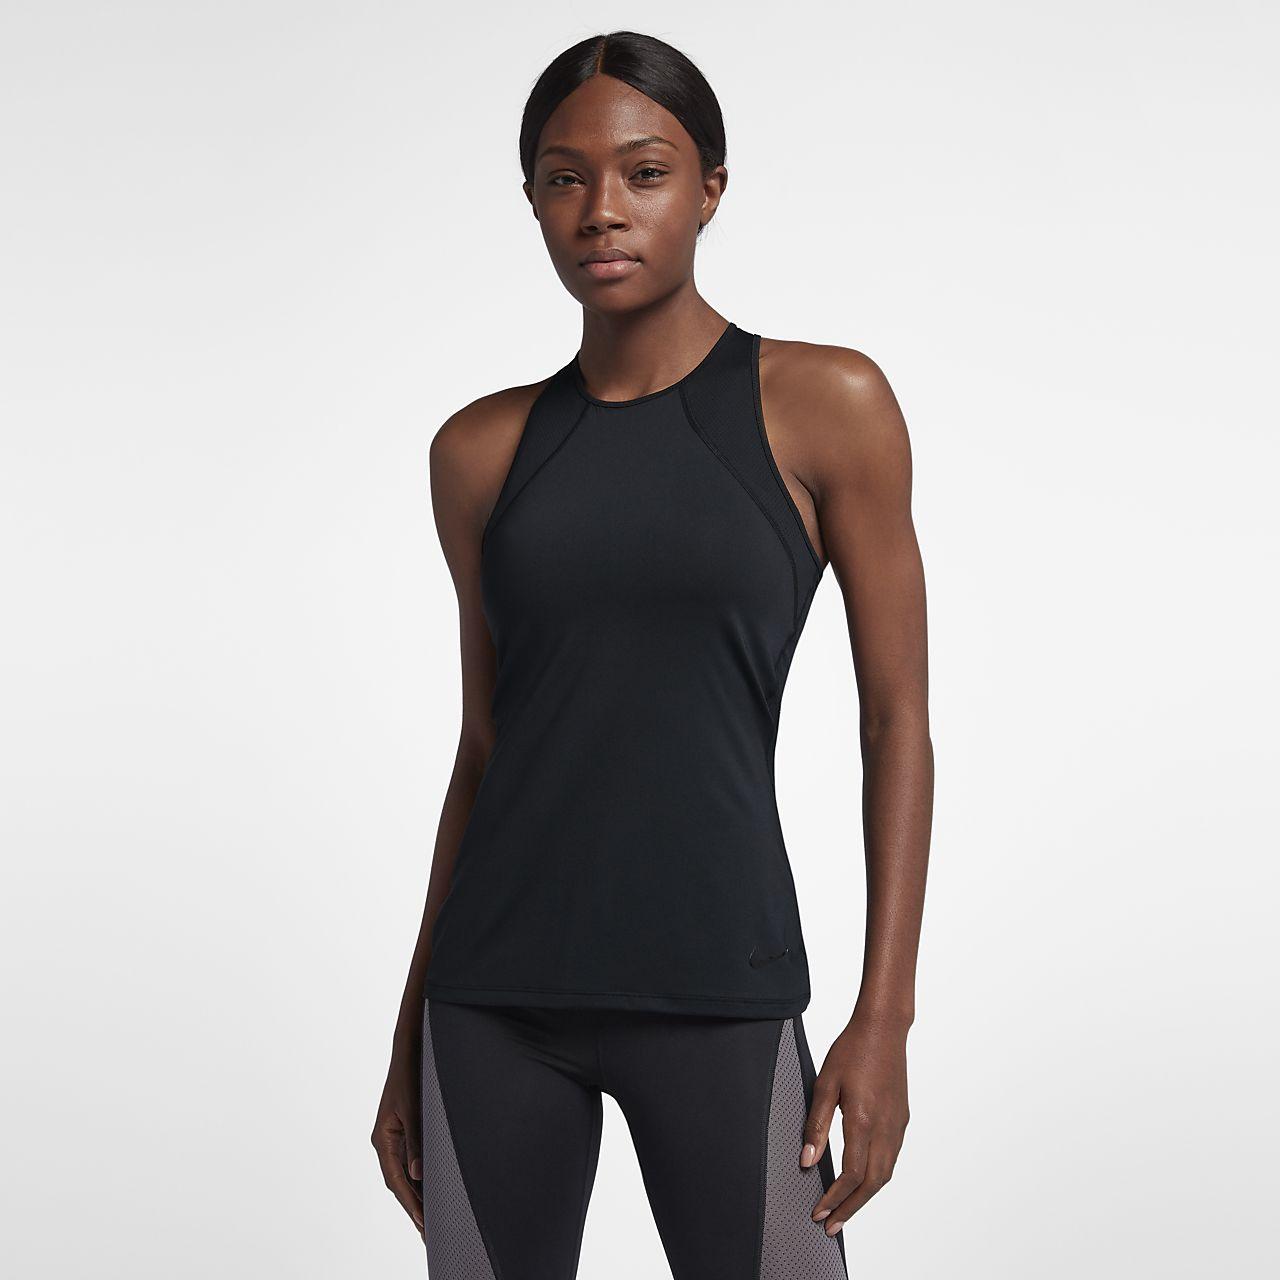 low priced 0b763 e9984 ... Débardeur de training Nike Pro HyperCool pour Femme